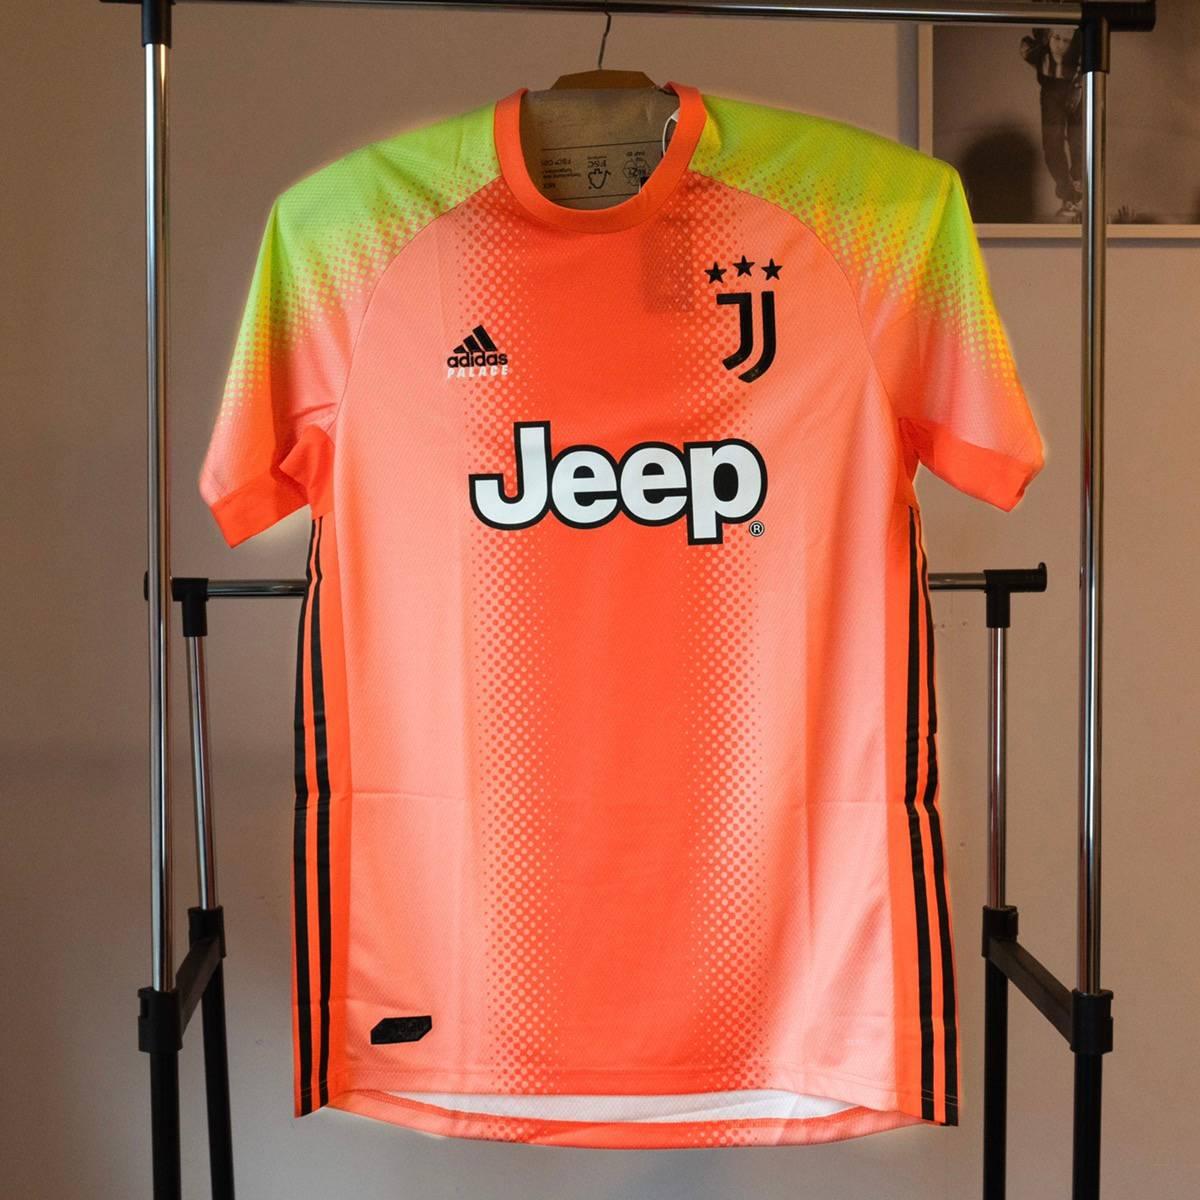 Adidas Palace Adidas Juventus Fourth Goalkeeper Jersey Orange/Slime